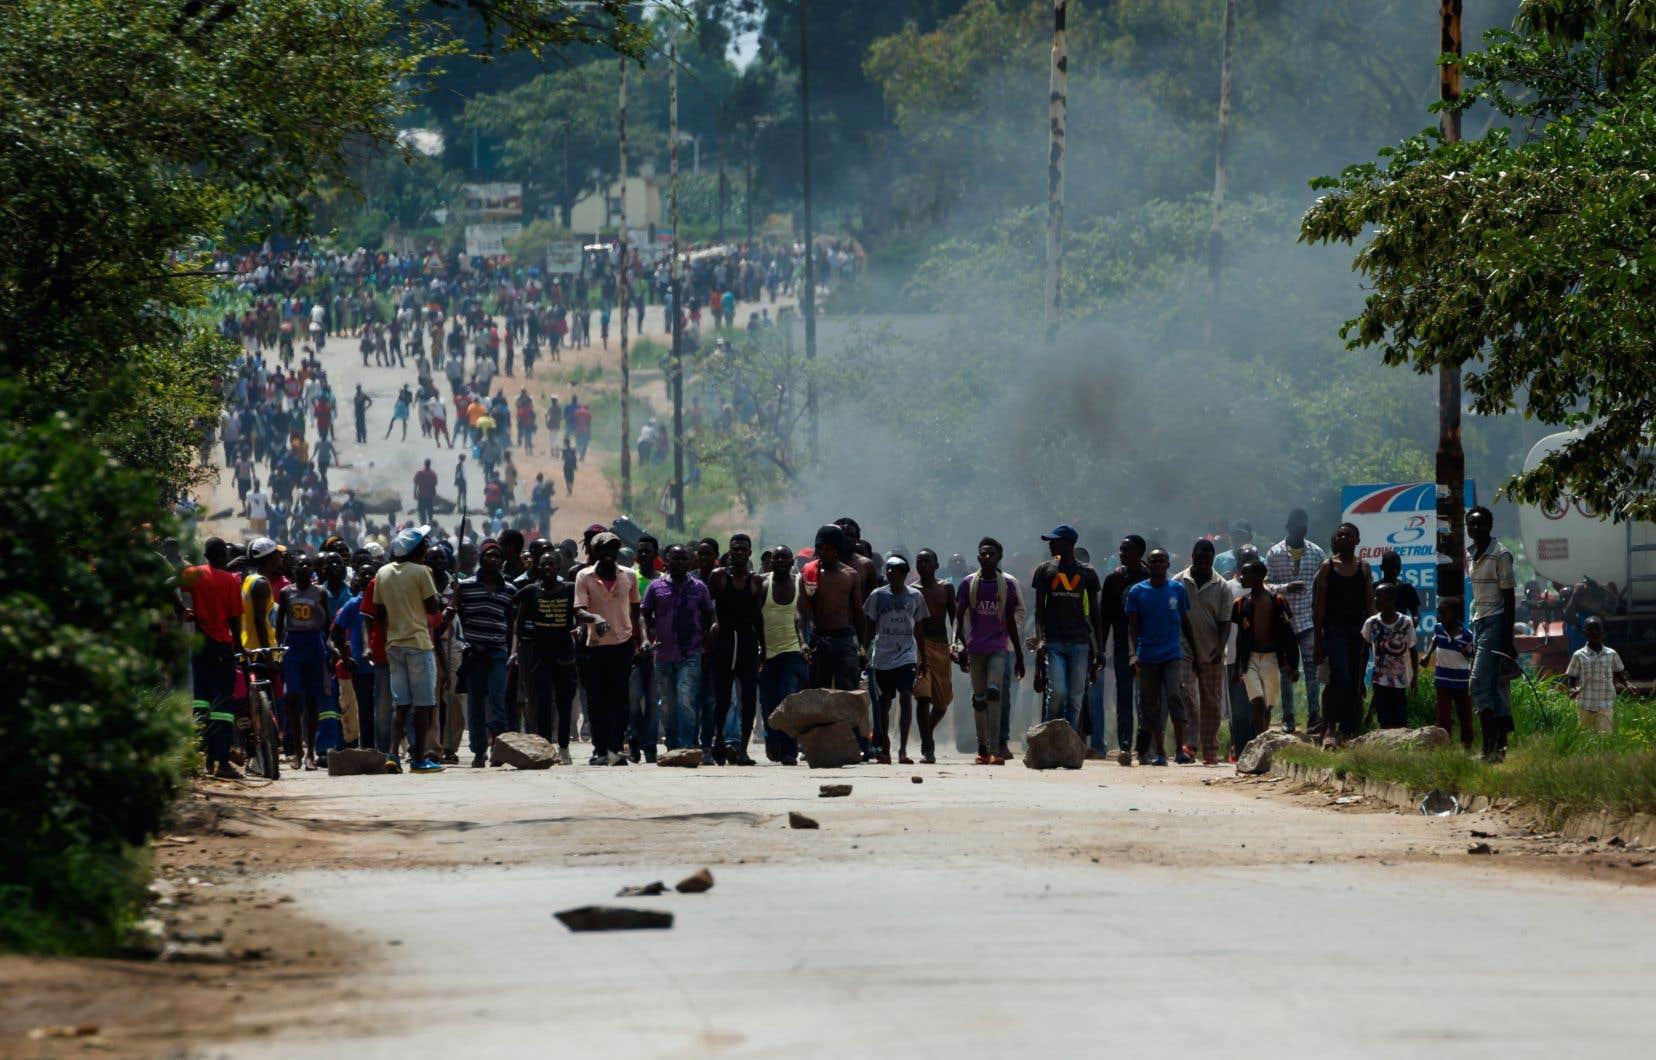 La colère a éclaté lundi au Zimbabwe après l'annonce du doublement des prix des carburants.